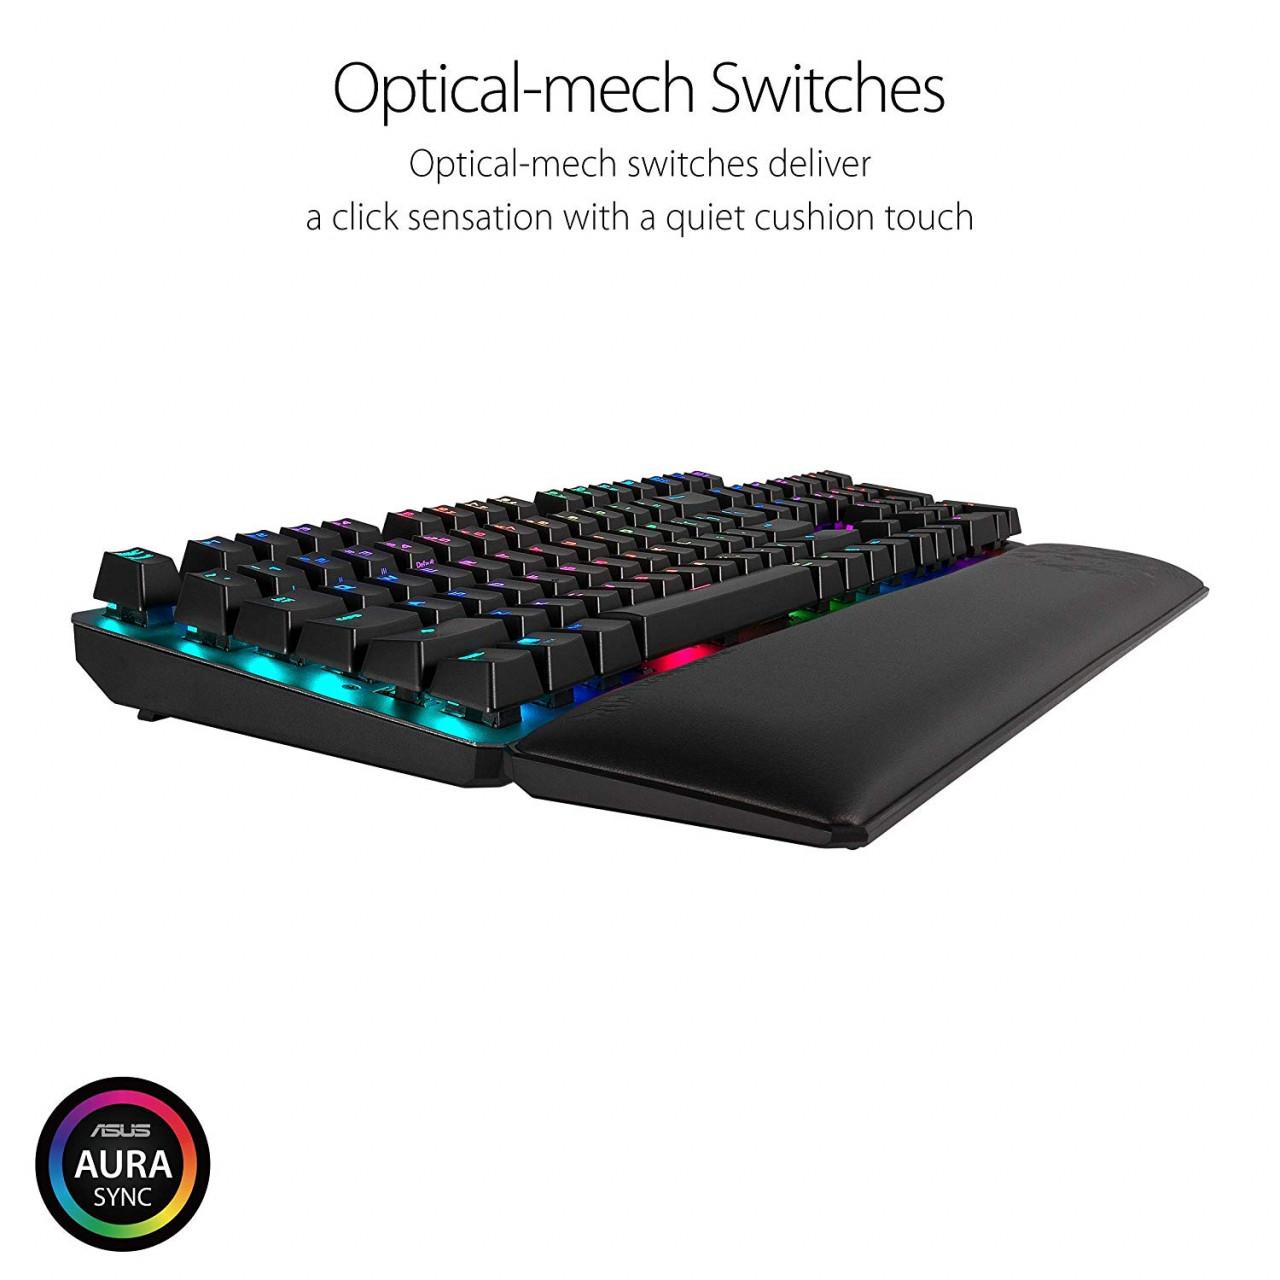 29ea68333e8 ASUS TUF Gaming K7 USB Mechanical RGB Keyboard Price In Pakistan